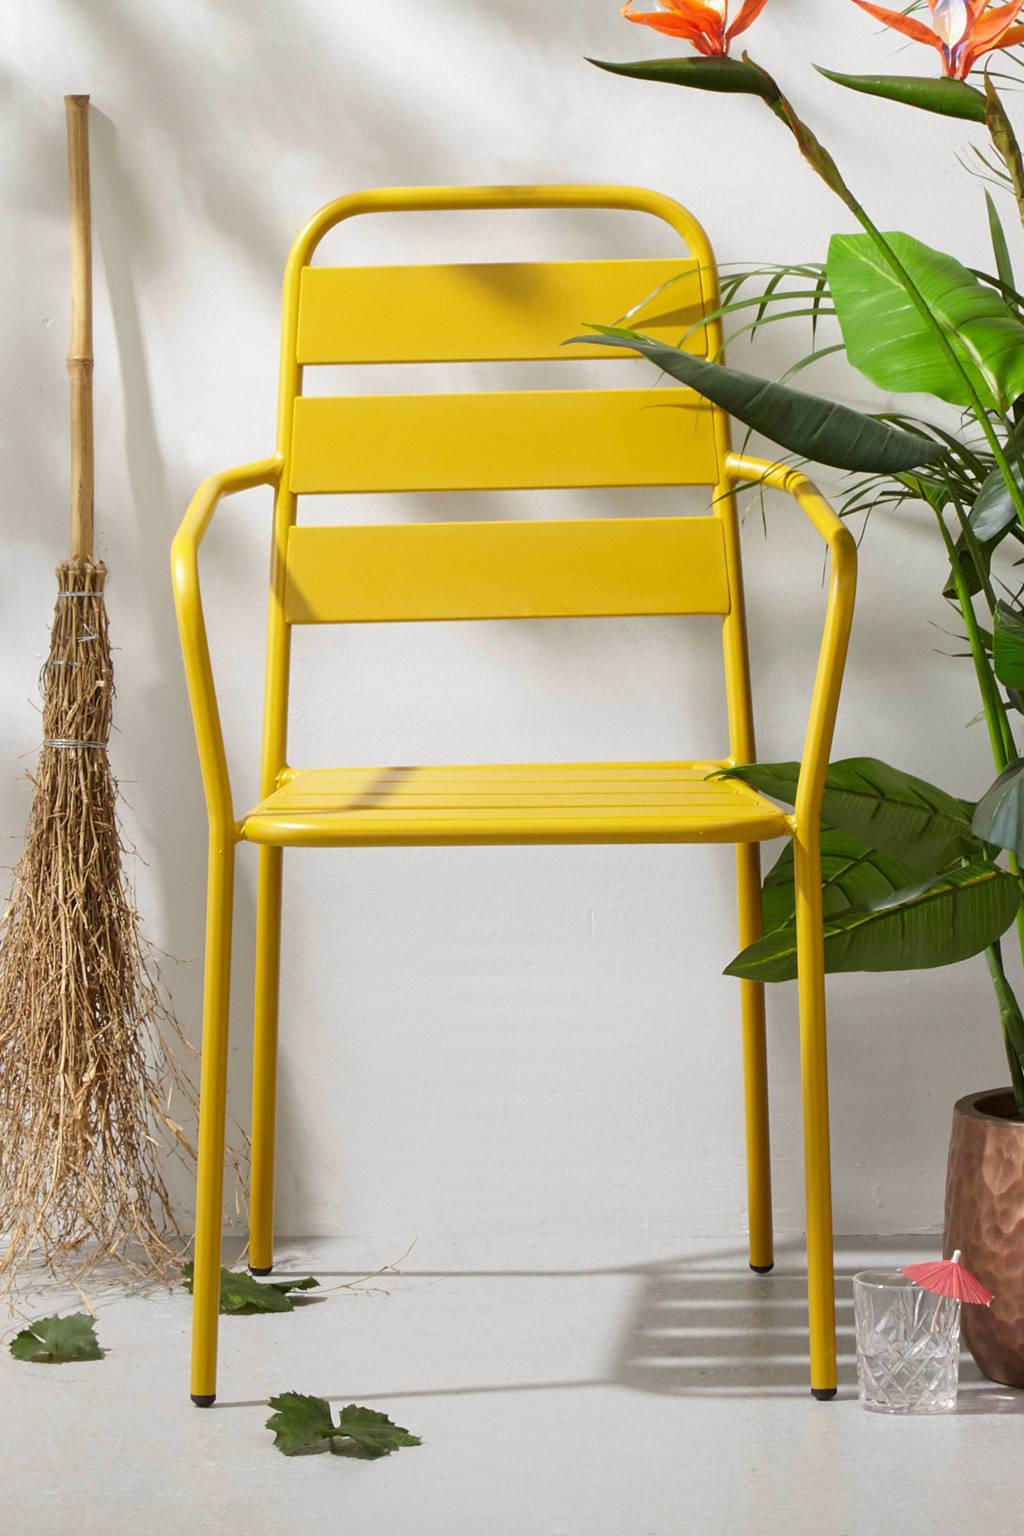 whkmp's own tuinstoel Lucca, Honing geel